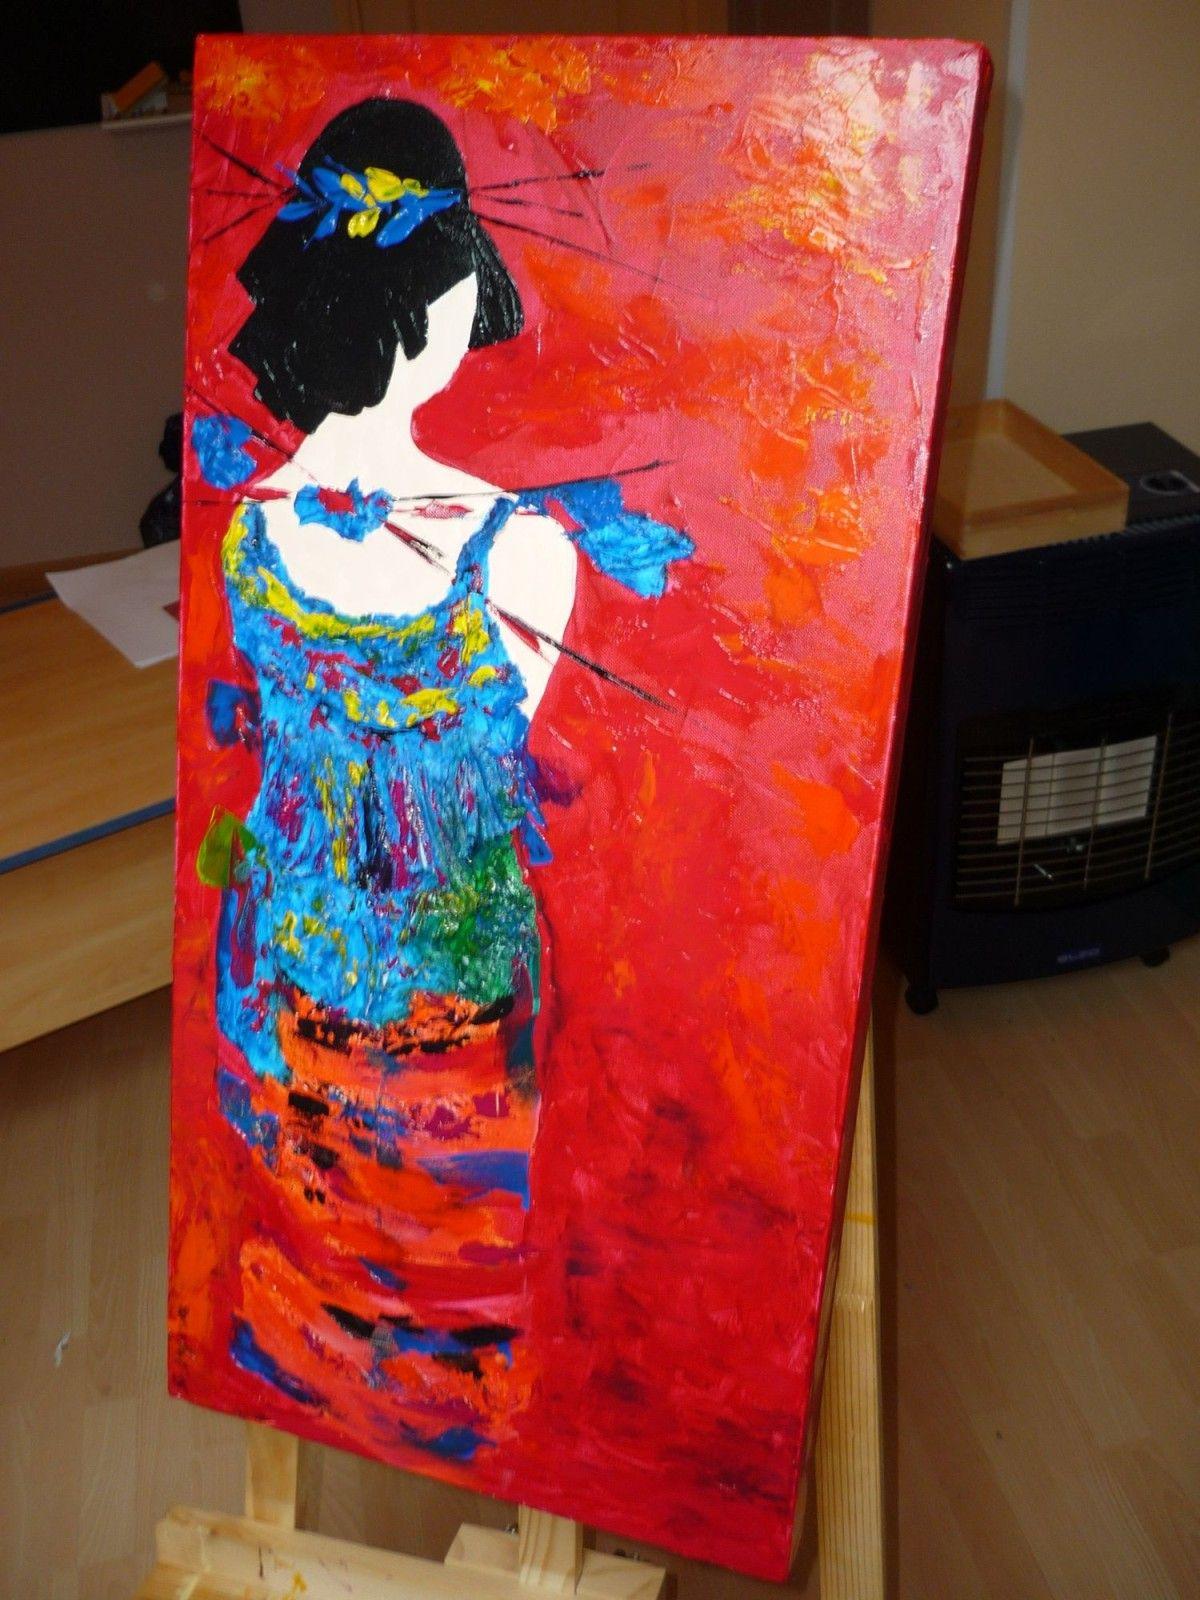 Faire peinture acrylique sur toile recherche google - Idee peinture tableau ...